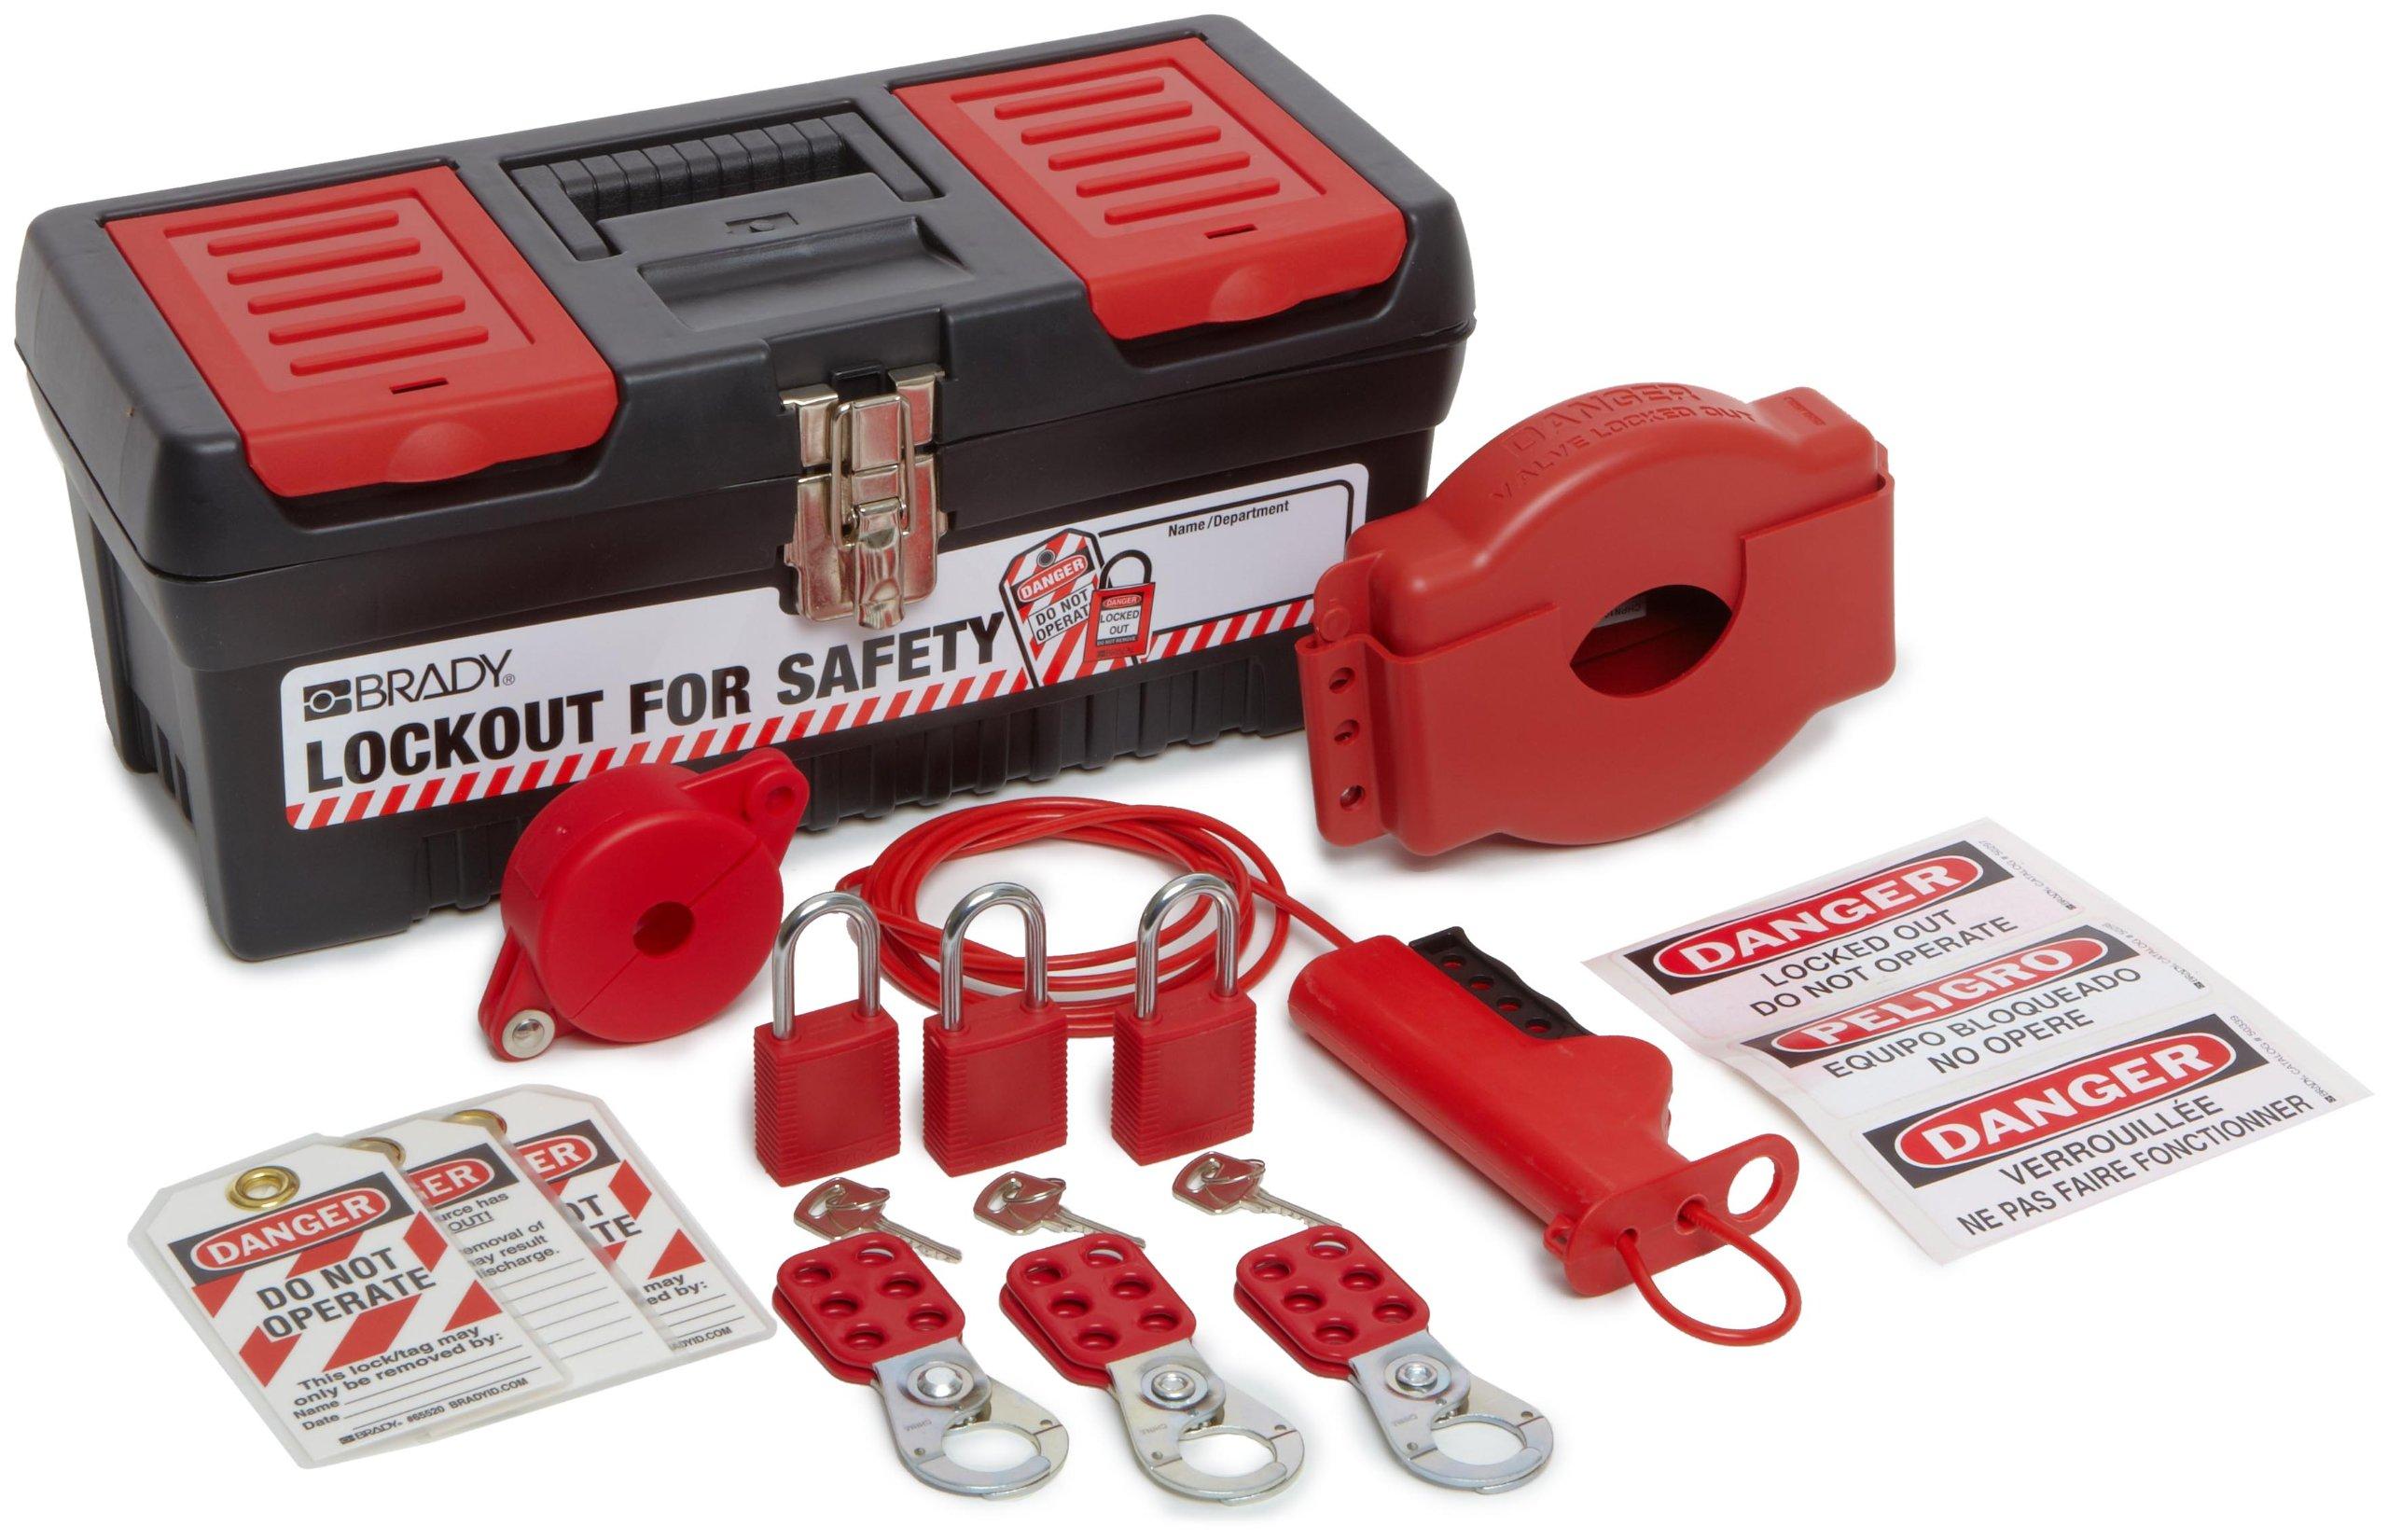 Brady Personal Valve Lockout Kit, Includes 3 Safety Padlocks